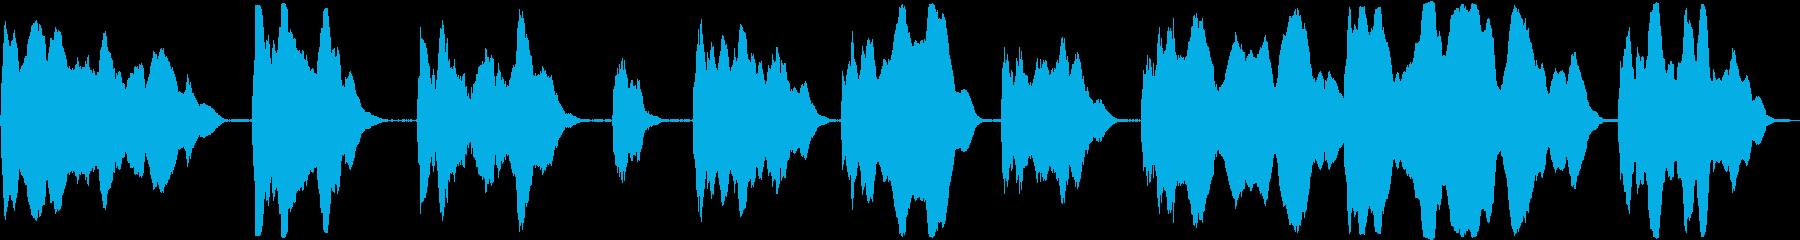 合成スタートアップスウェルの再生済みの波形